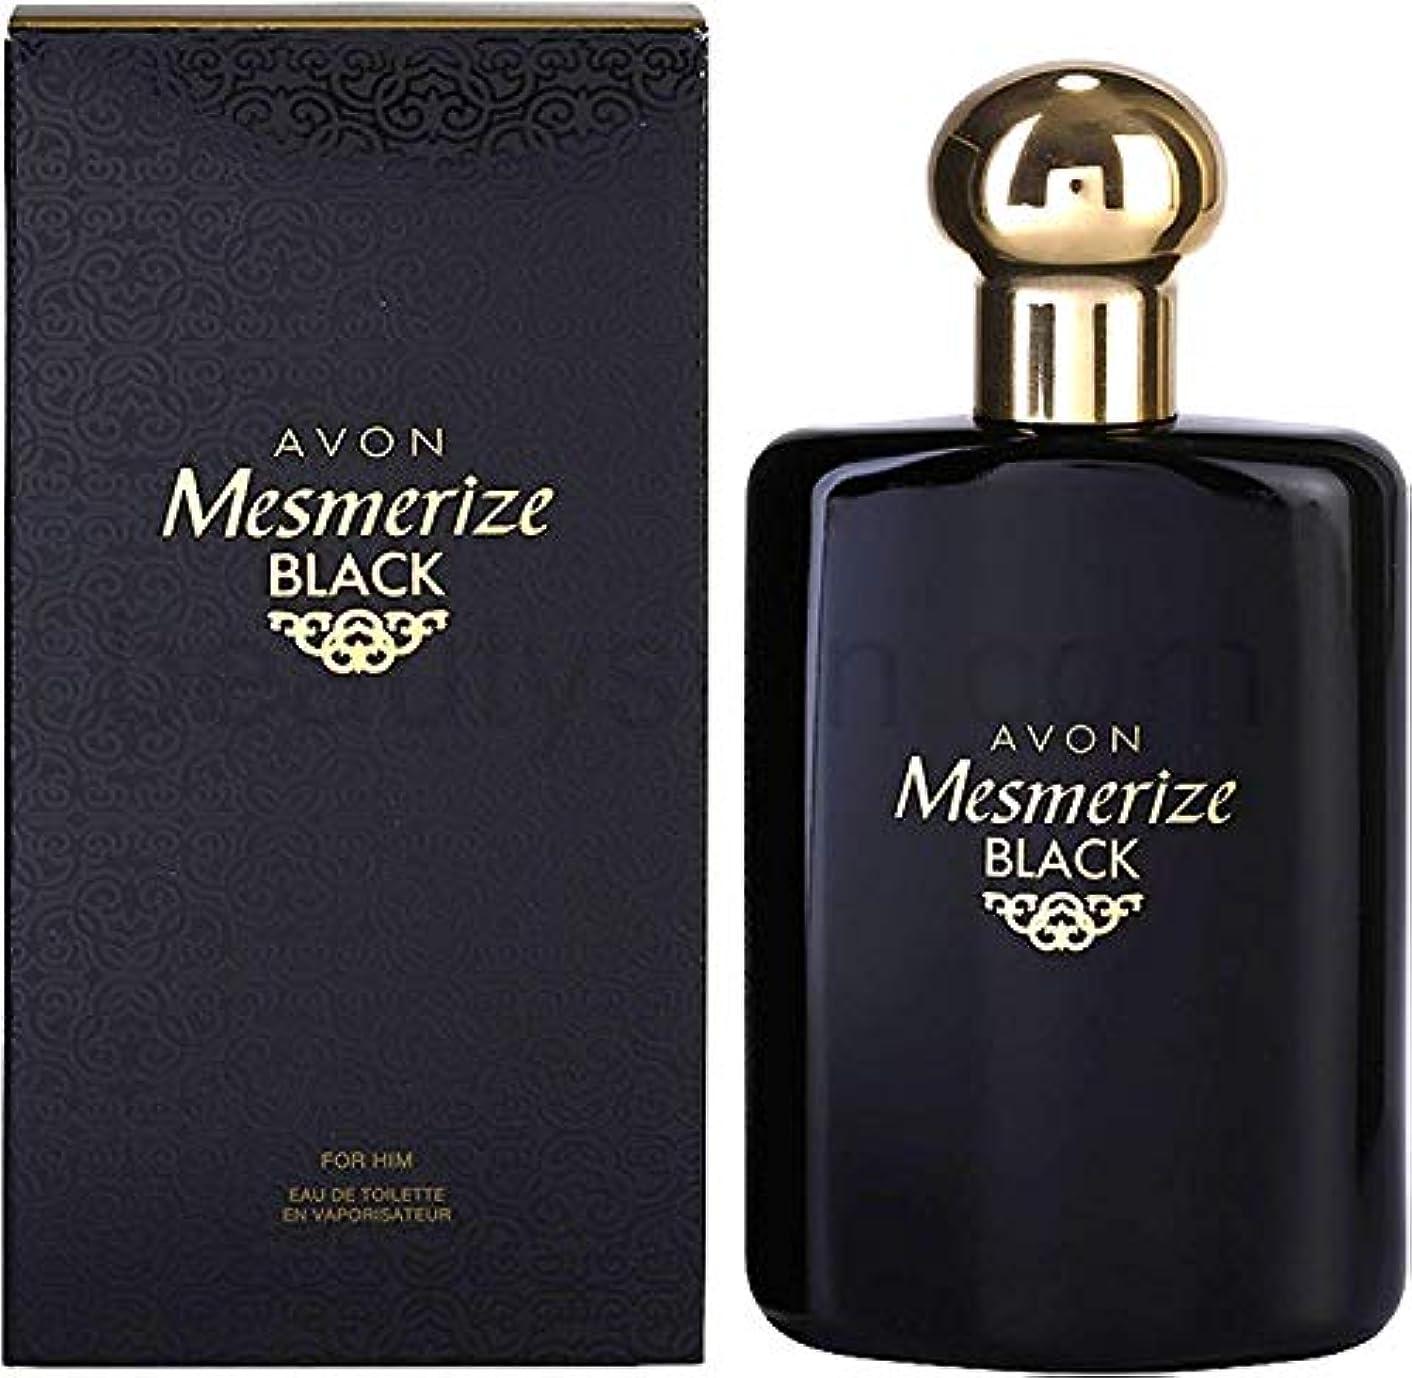 ばかげた請願者ログAVON Mesmerize Black For Him Eau de Toilette 100ml